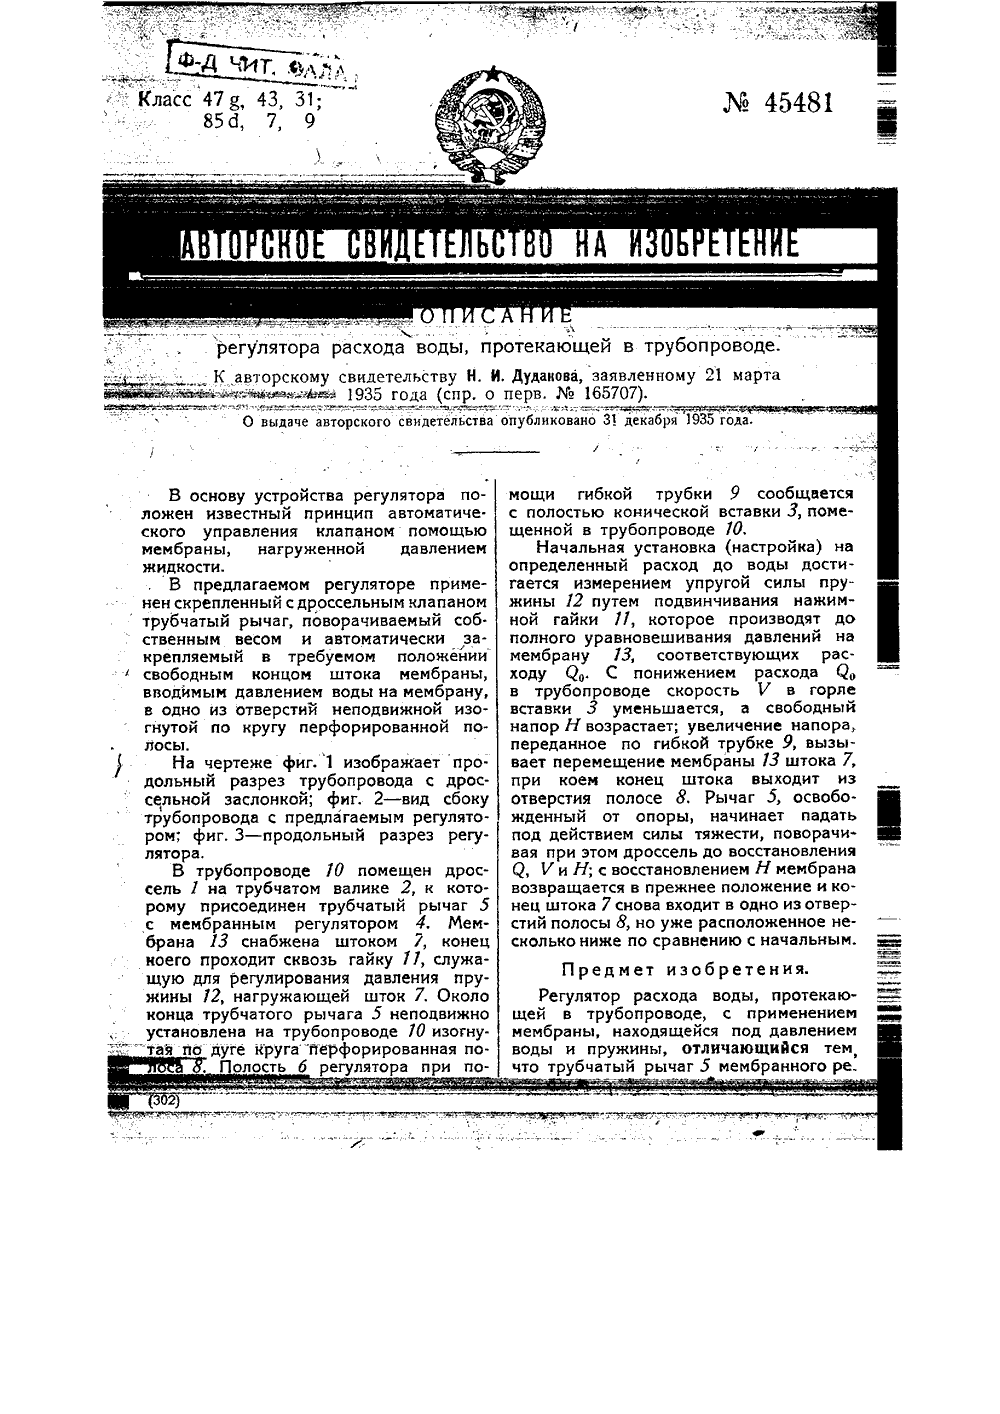 Принципиальная схема уотс-1-1а